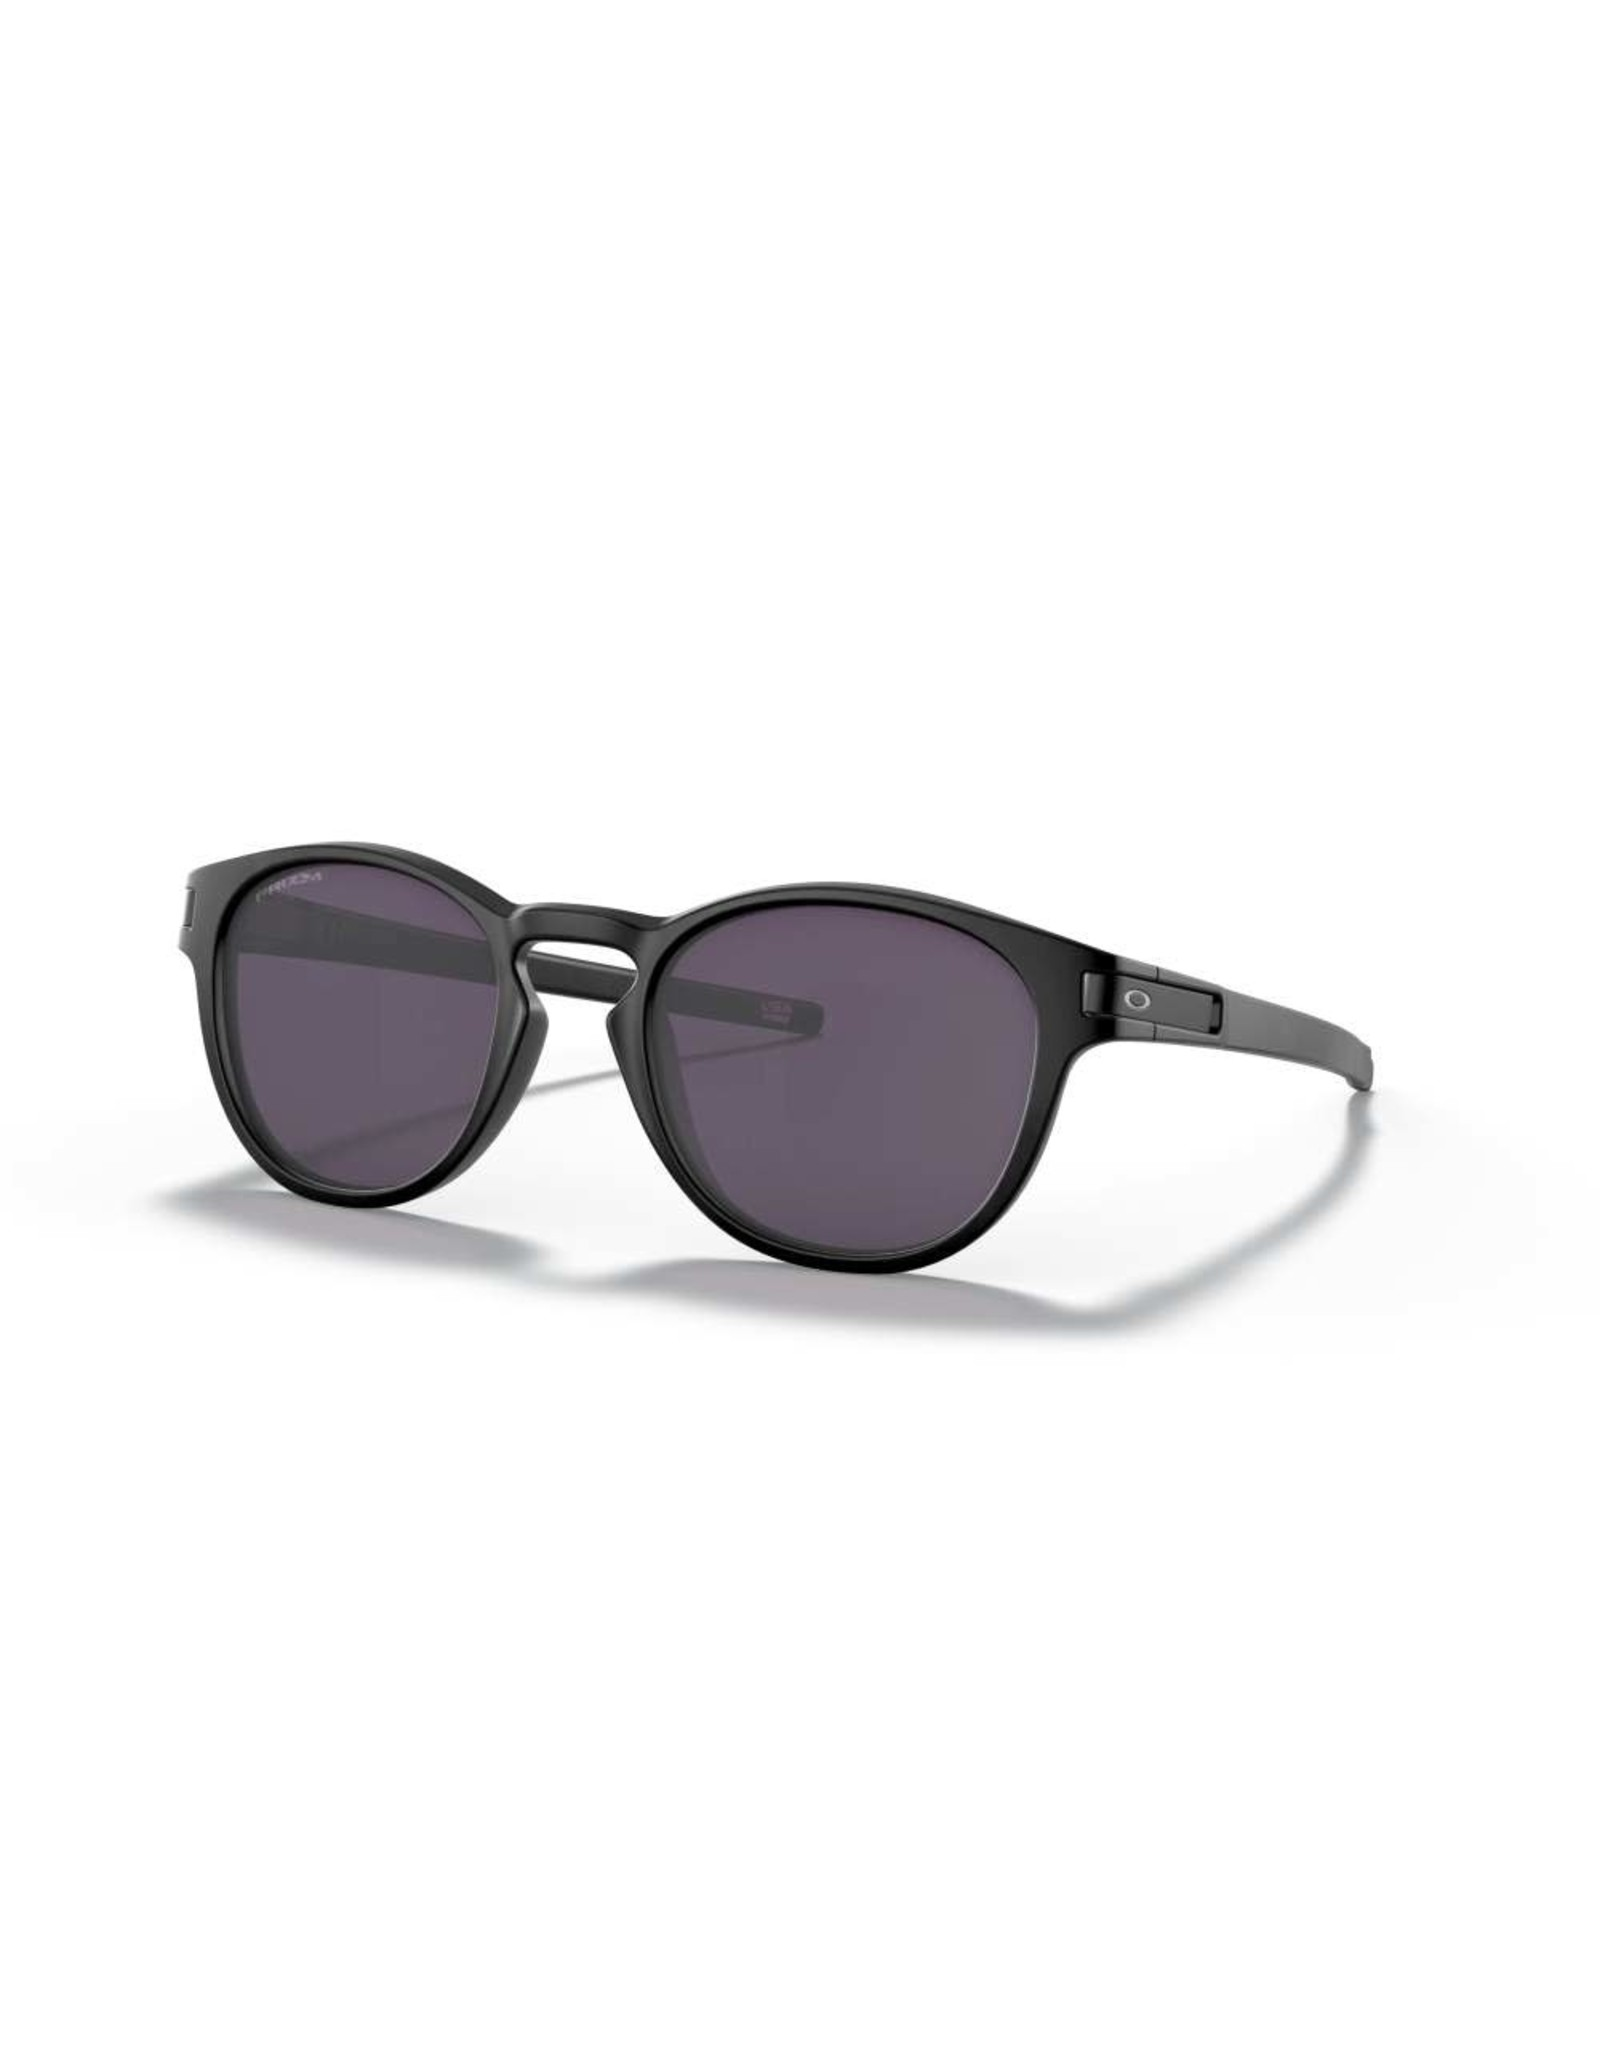 OAKLEY Oakley Latch matte blk w prizm grey sunglasses